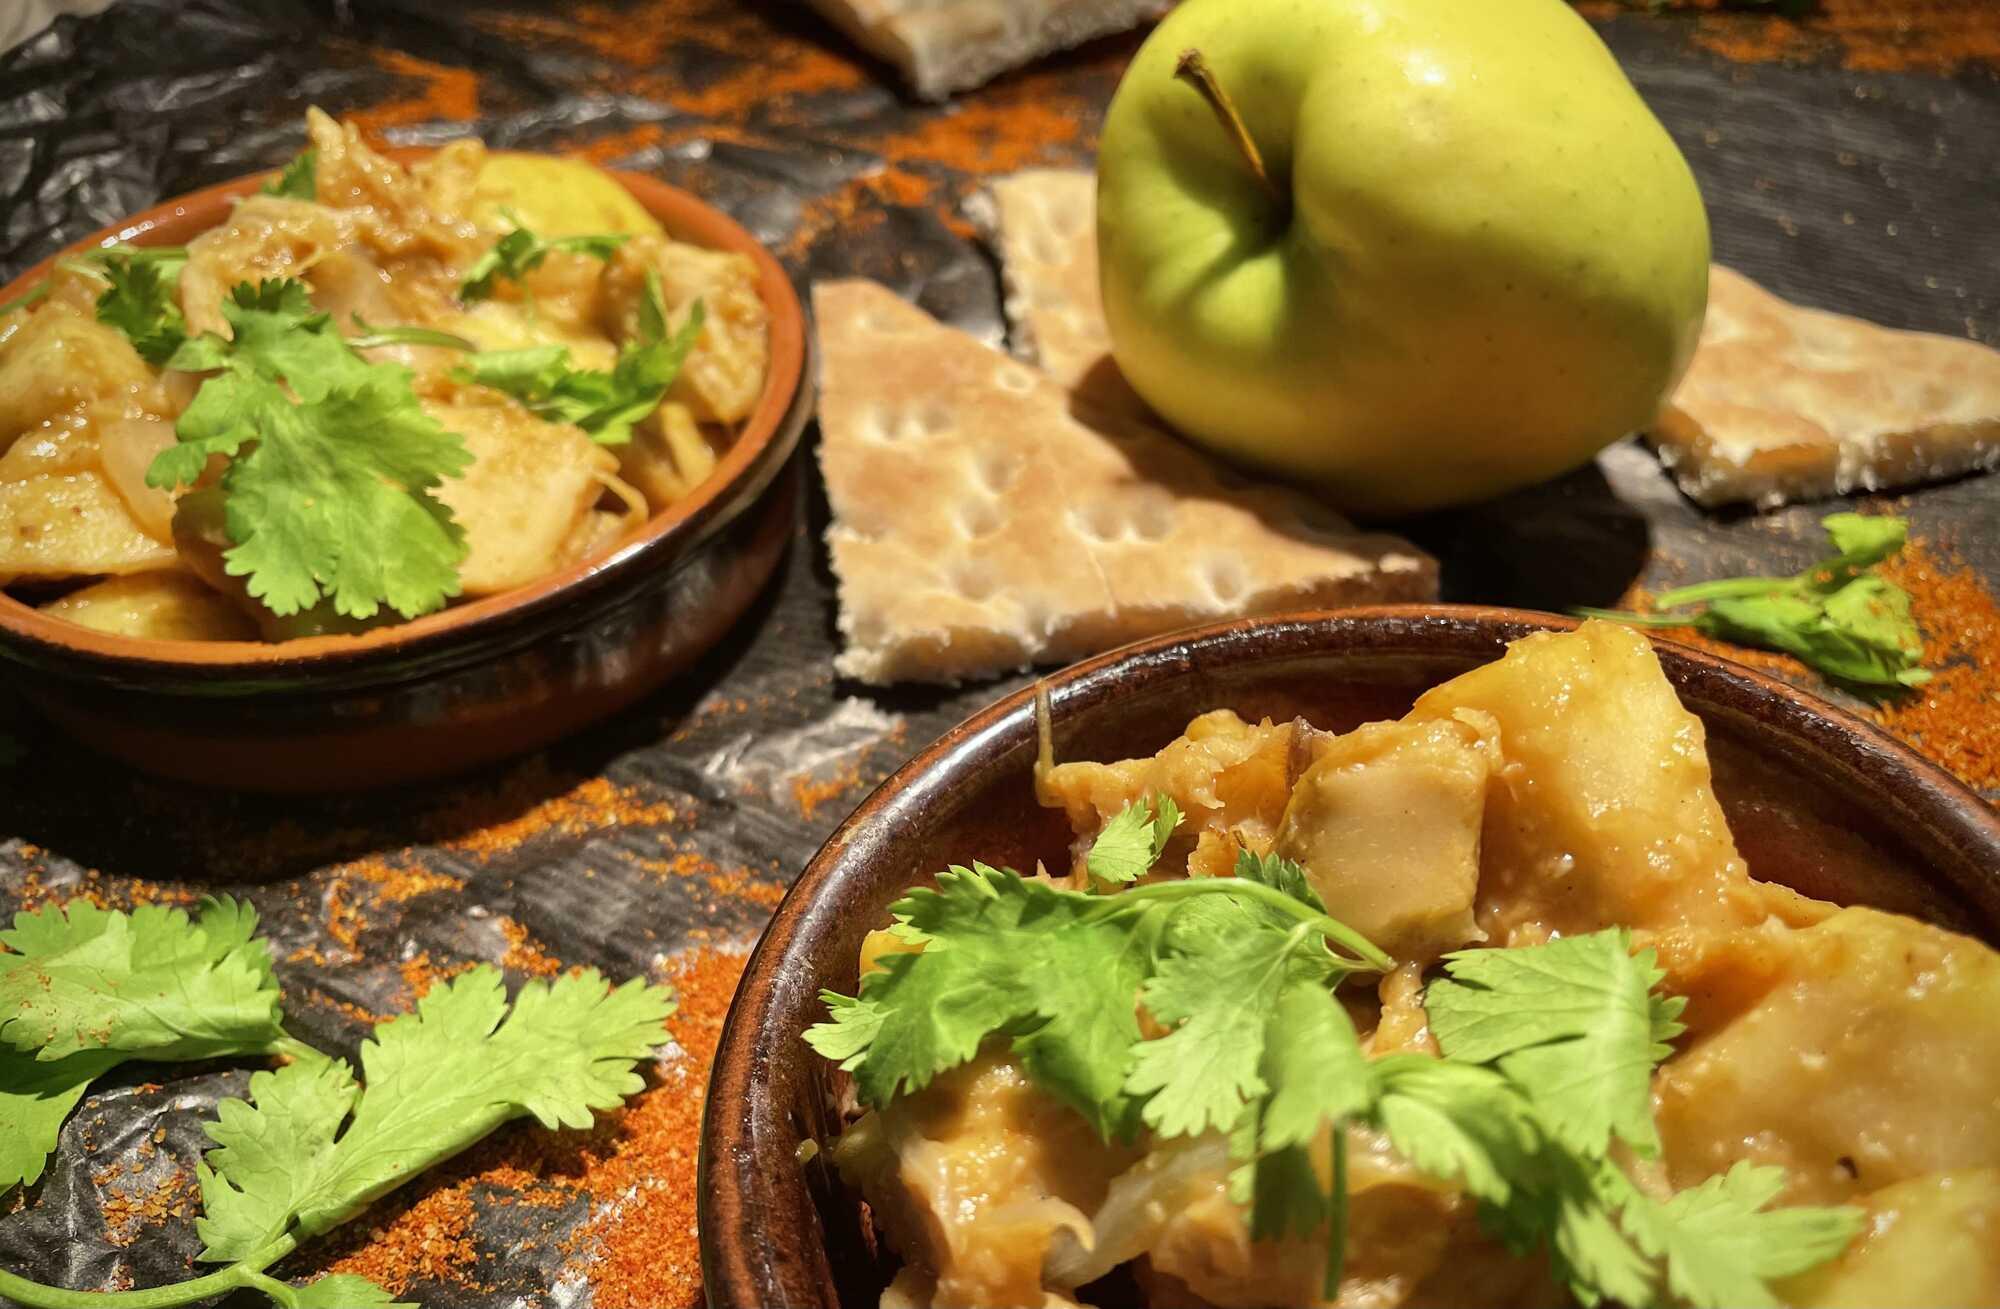 Le soja à l'indienne est présenté dans deux plats ronds en terre cuite. Sur la table on peut voir une belle pomme verte.